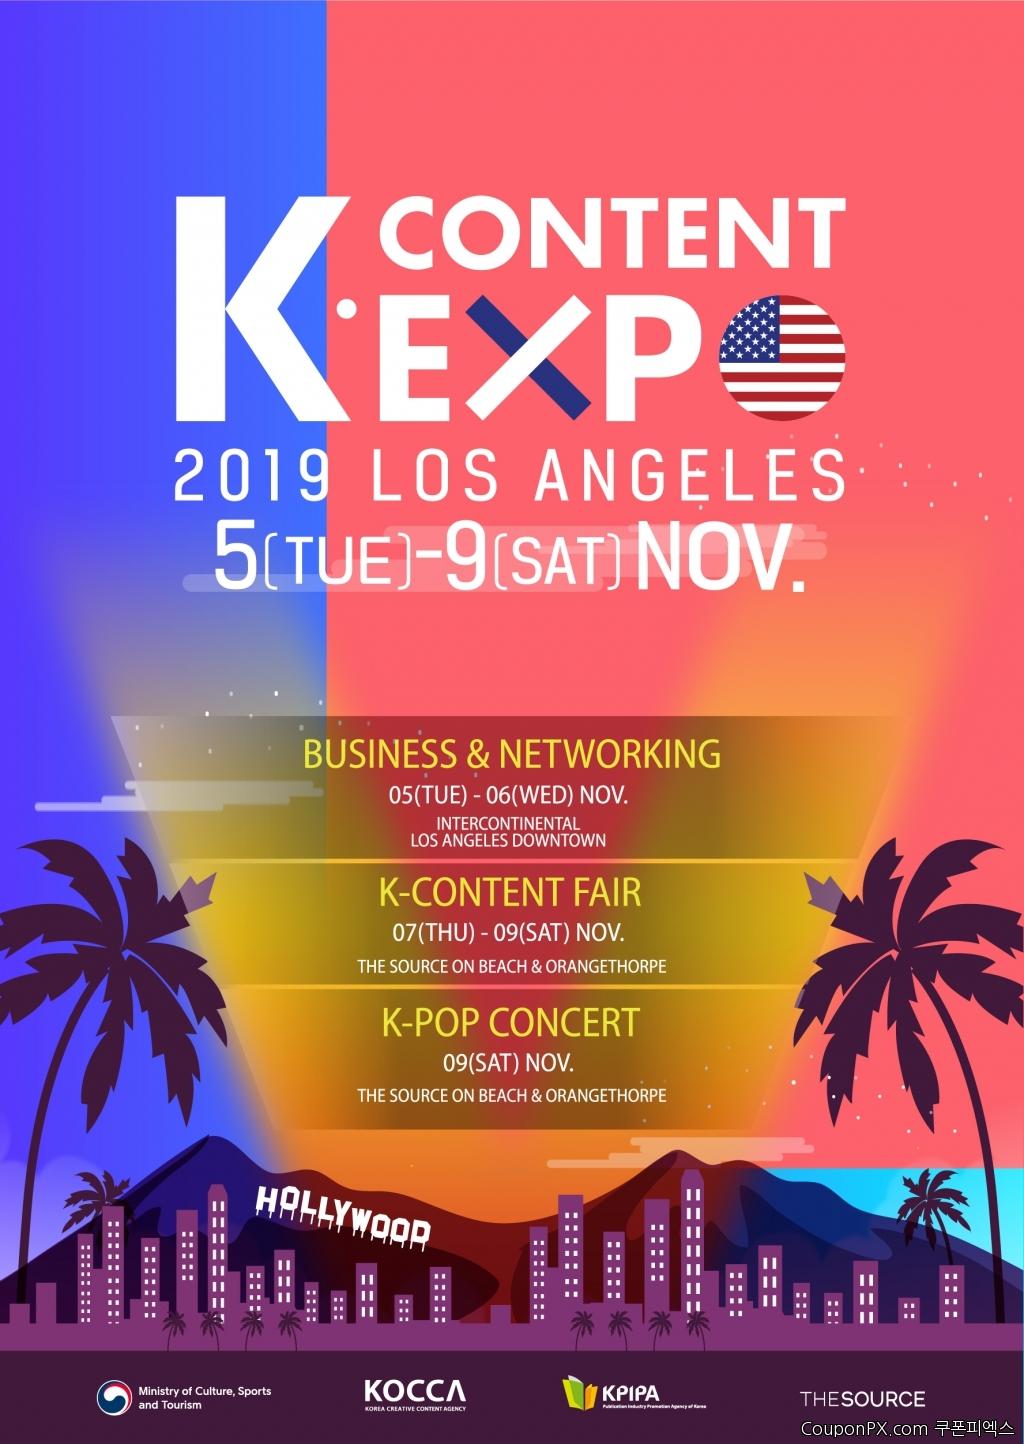 kcon-expo-행사.jpg